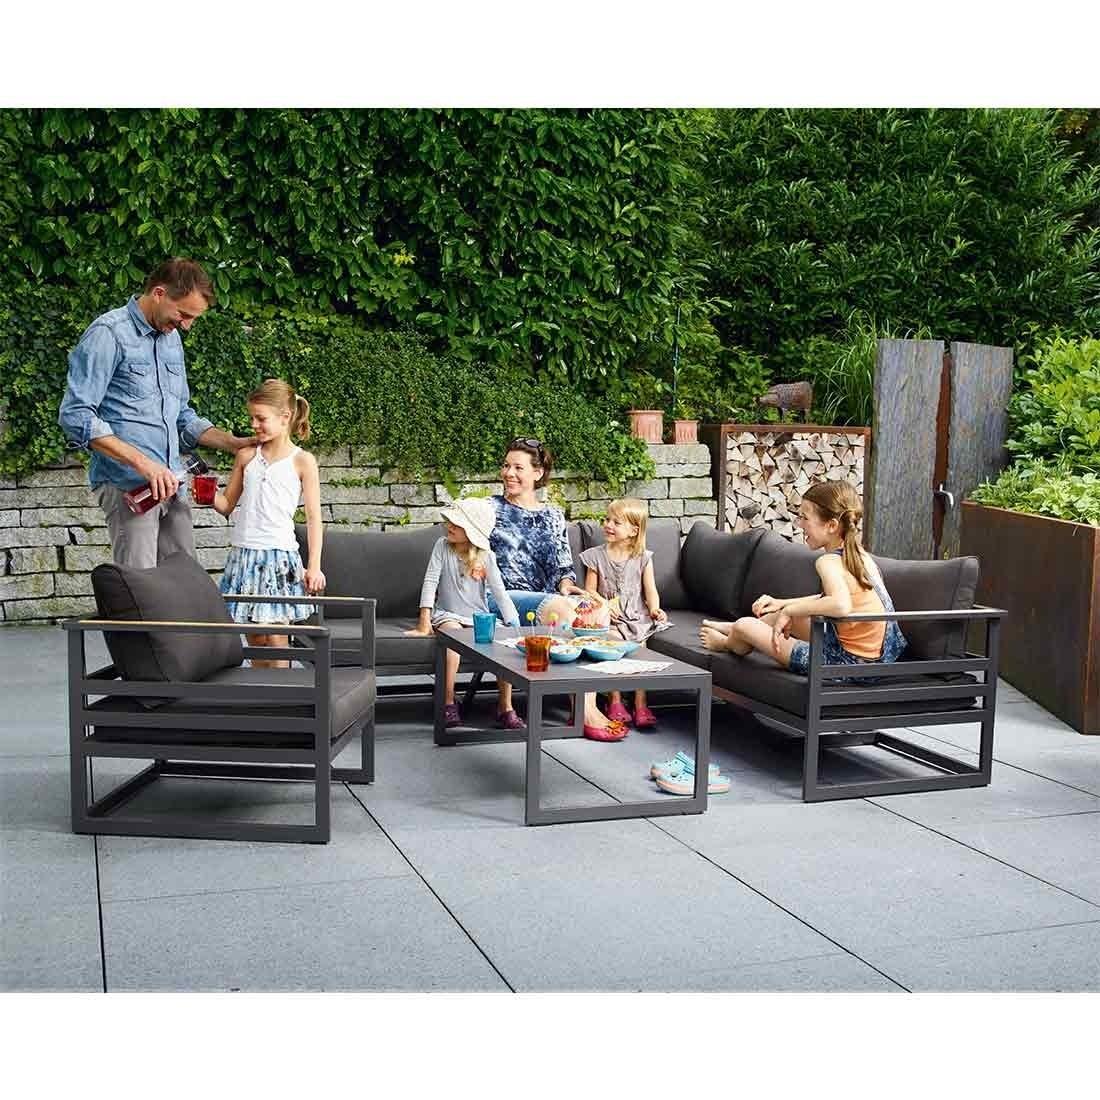 Full Size of Sieger Sydney Loungeecke 3 Teilig Aluminium Sunproof Garten Und Truhenbank Sonnenschutz Holzhaus Lounge Sessel Loungemöbel Spielhaus Holz Rattanmöbel Garten Loungemöbel Garten